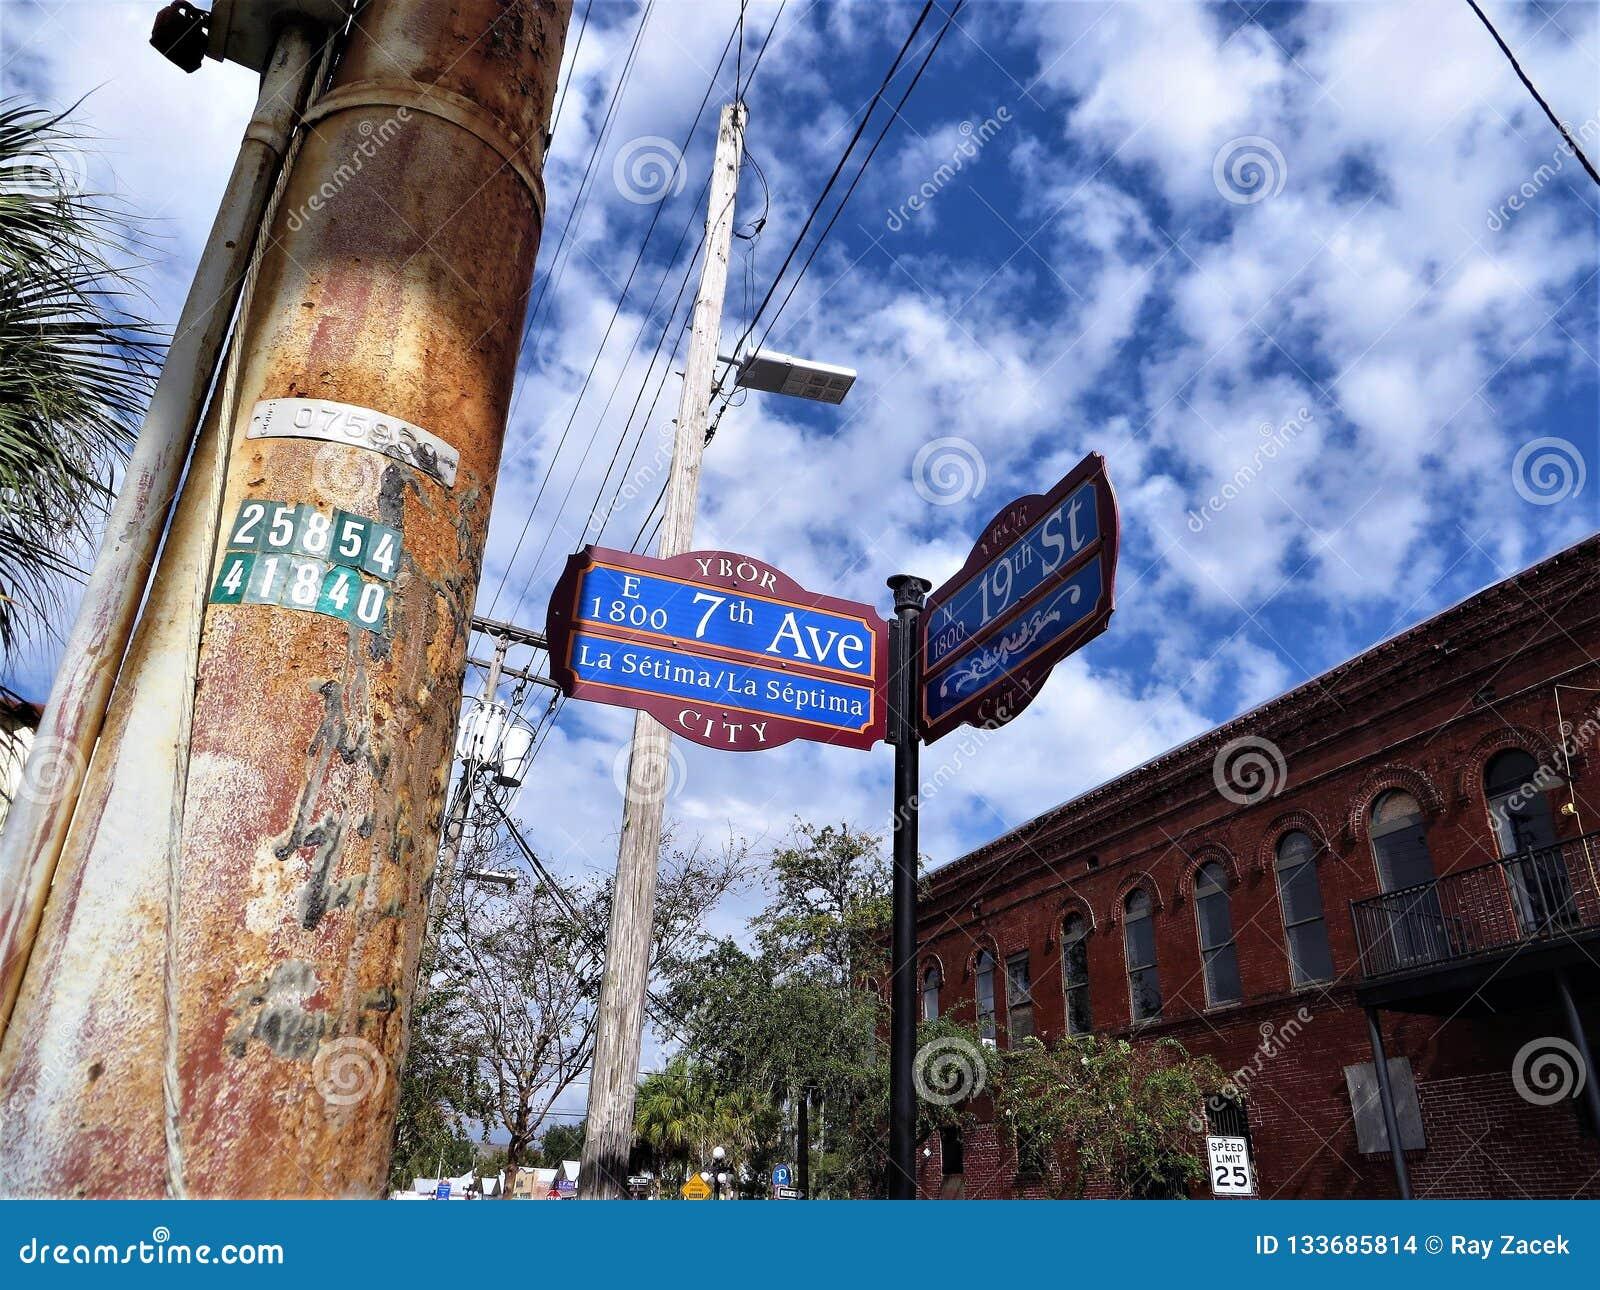 седьмой бульвар, город Ybor, Тампа